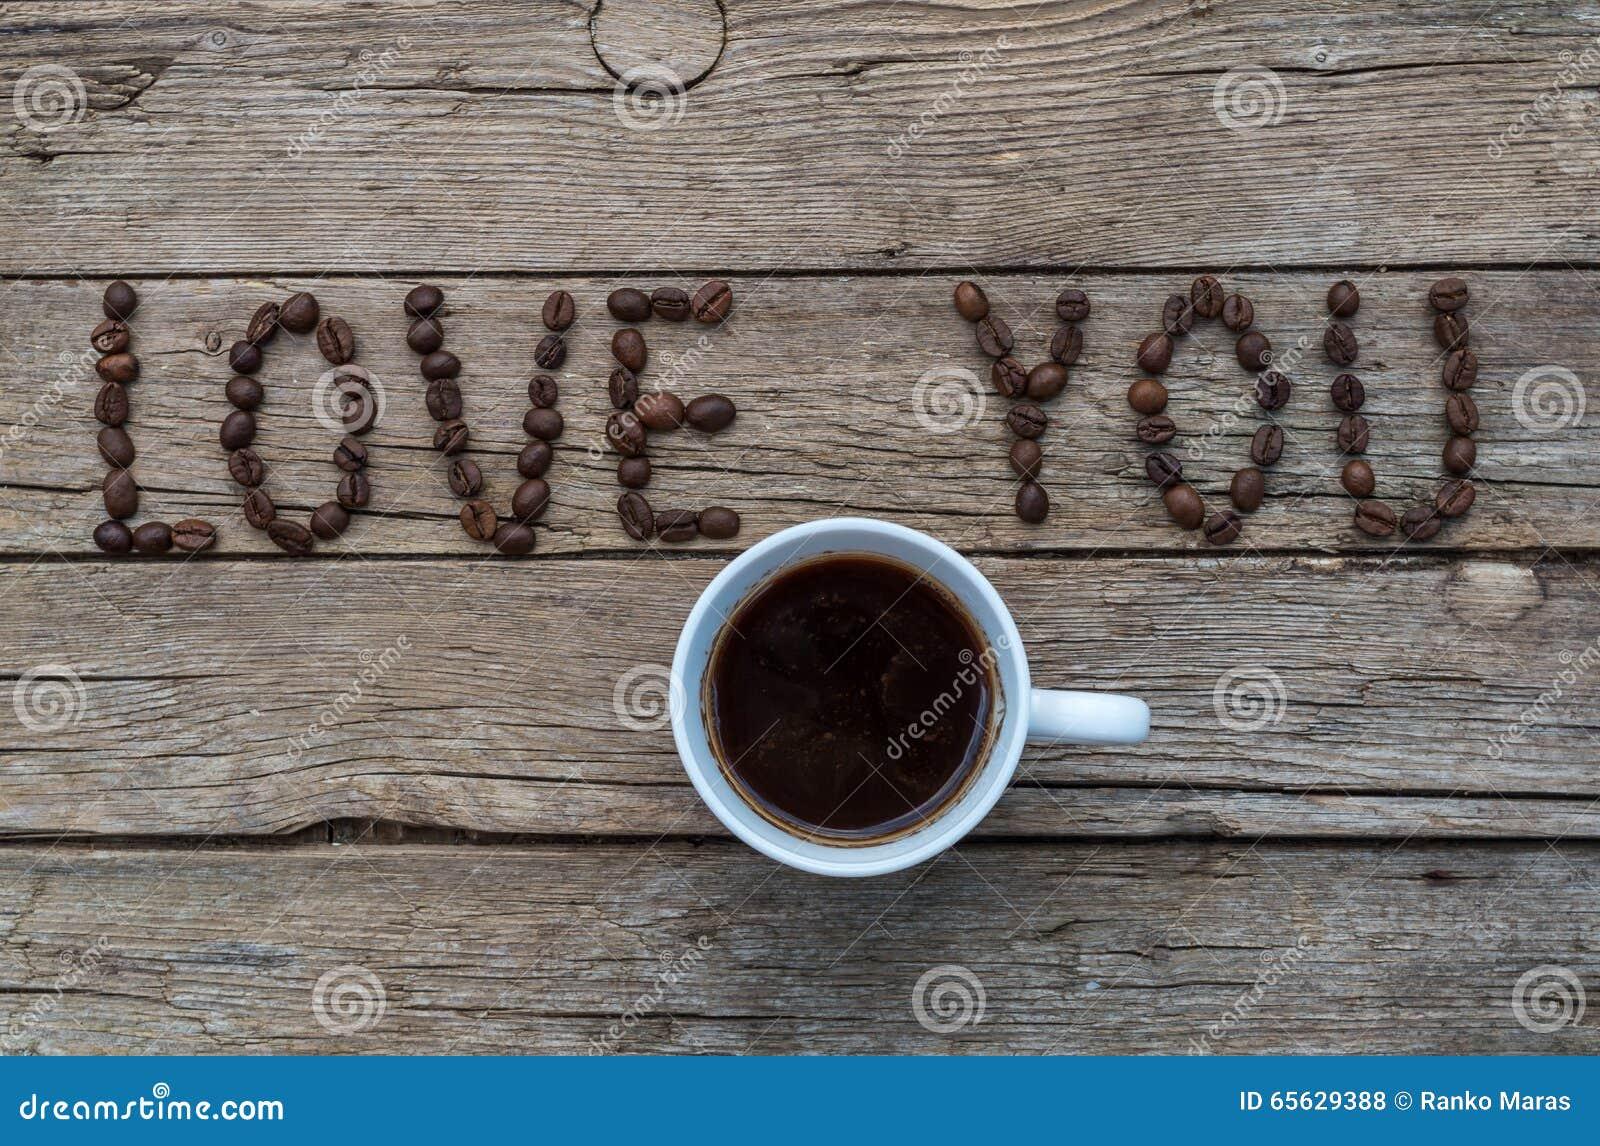 AIMEZ-VOUS des grains de café sur le fond en bois